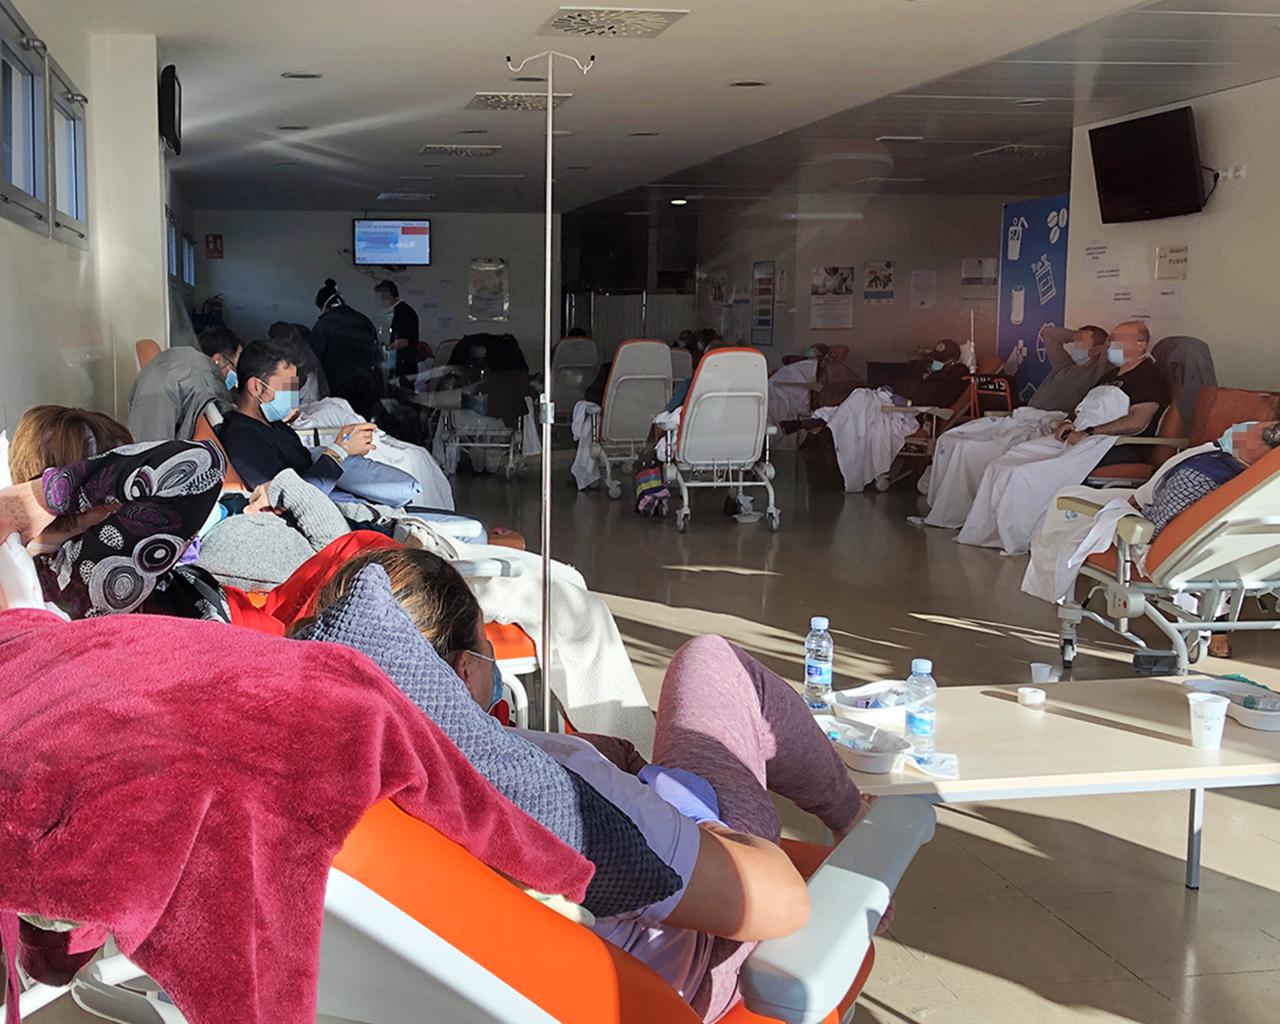 Sala de Urgencias del hospital Infanta Sofía, en San Sebastián de los Reyes. Madrid. 26/03/2020.